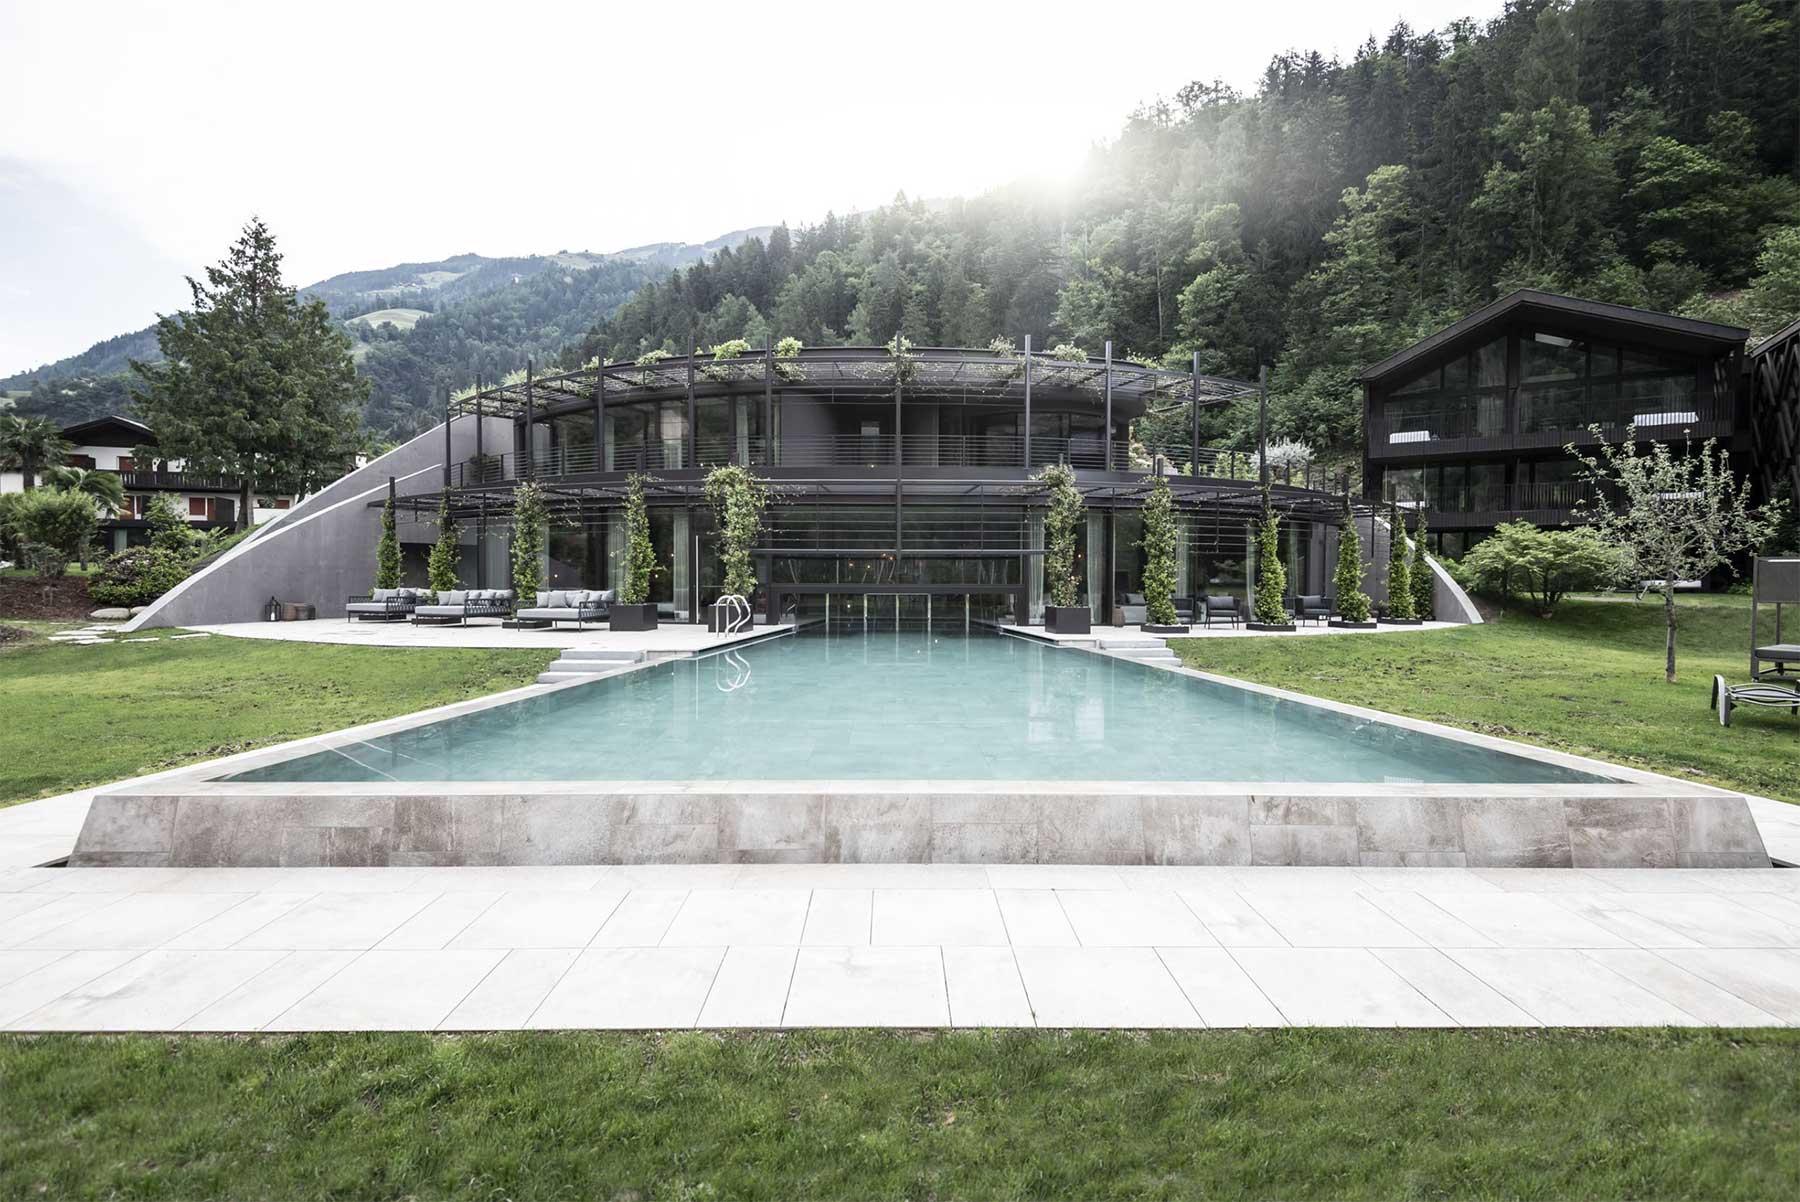 Architektur: Apfelhotel Torgglerhof